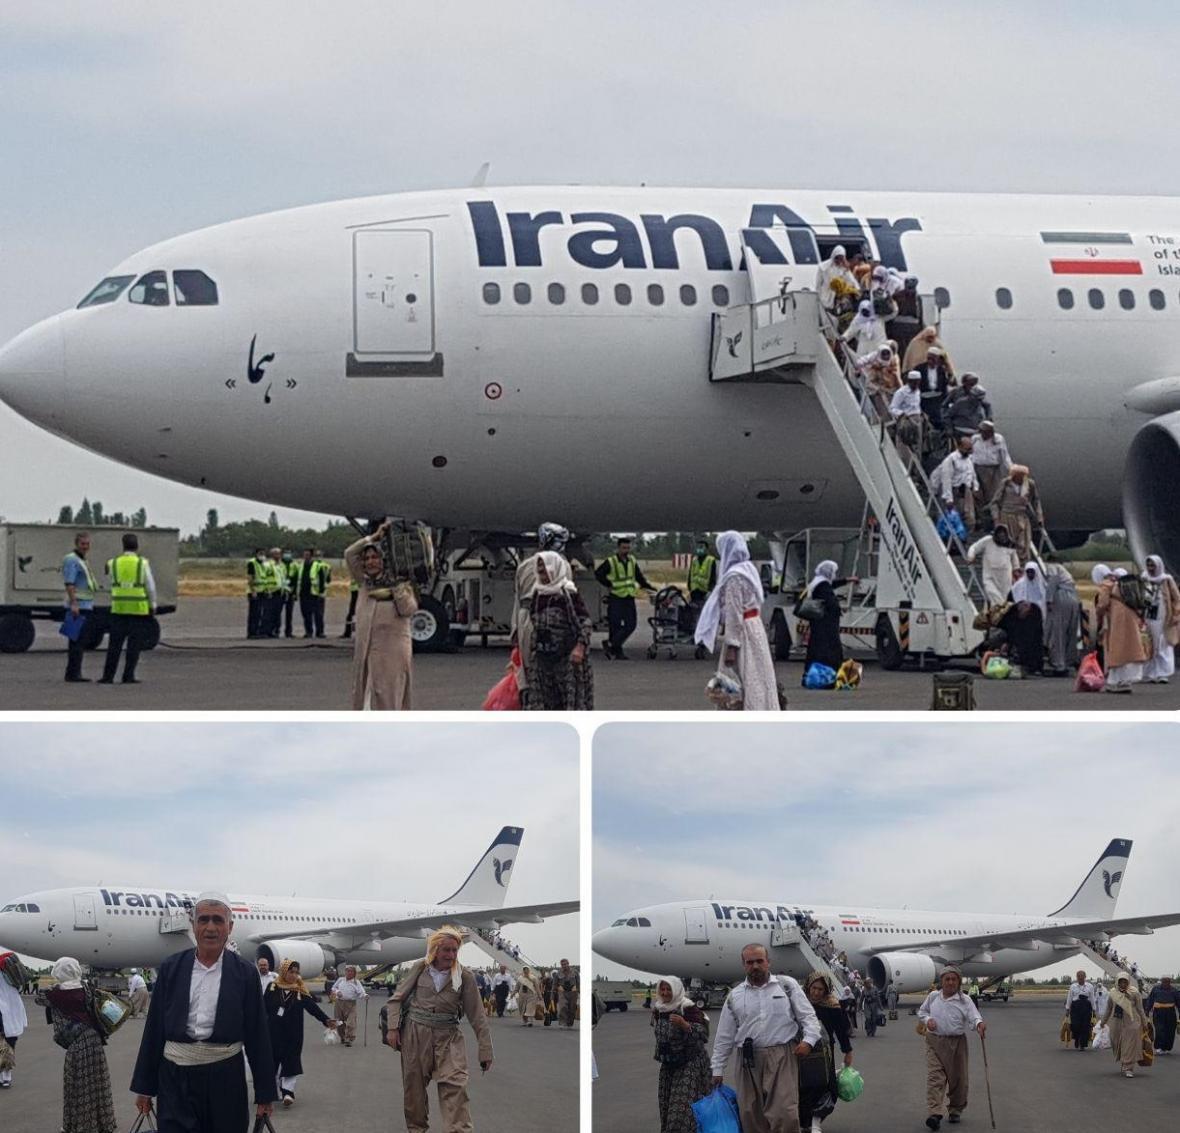 اولین گروه حجاج آذربایجان غربی وارد فرودگاه ارومیه شدند